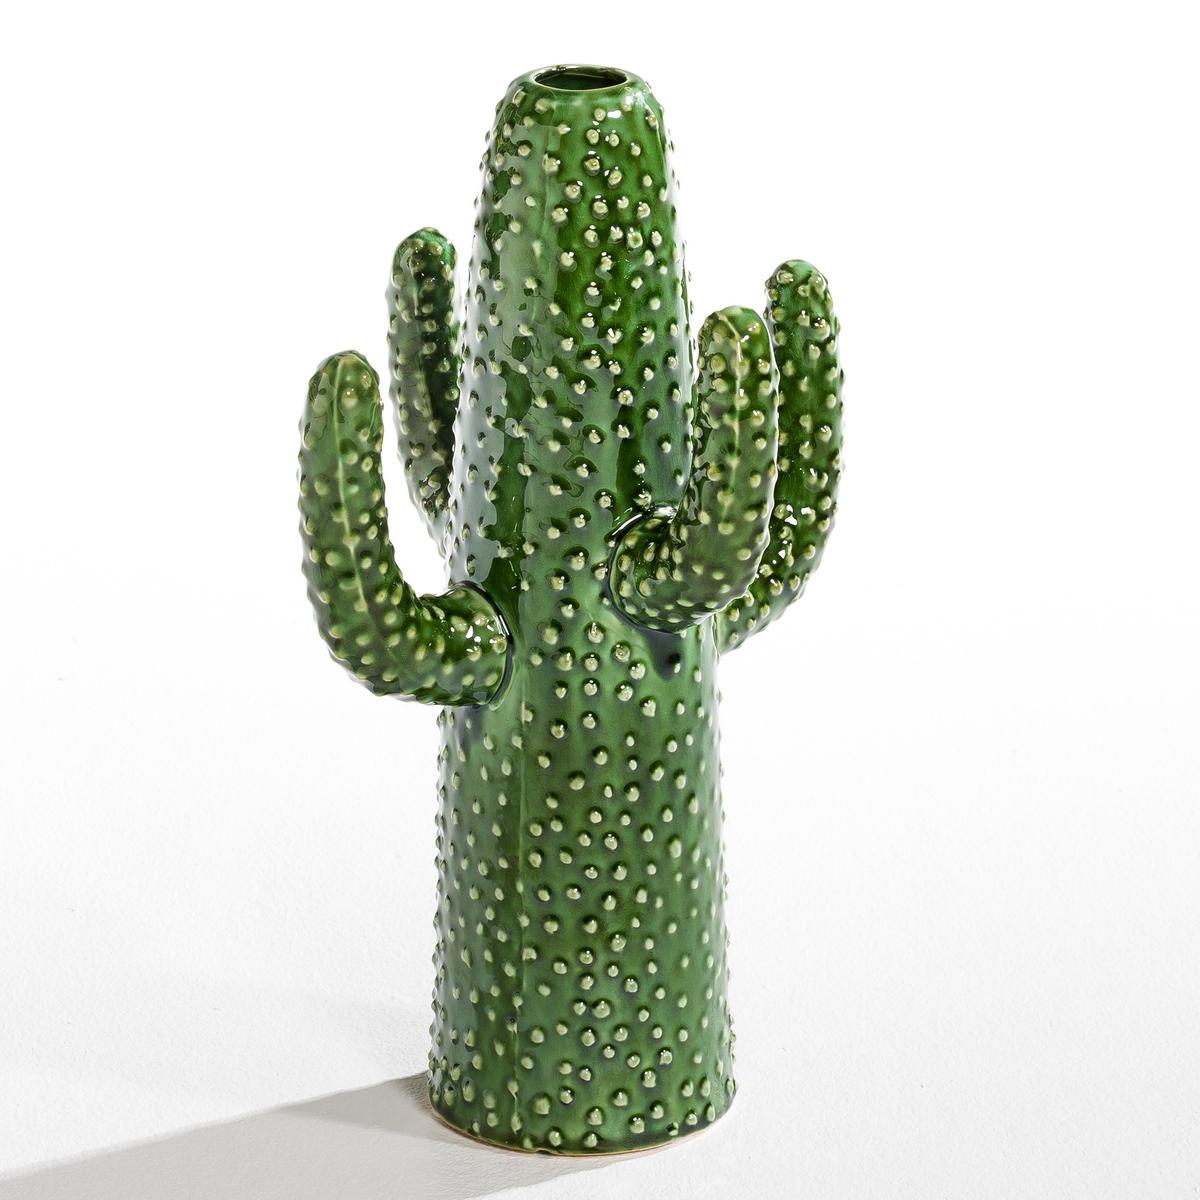 Ваза Cactus, высота 40 см, дизайн М.Михельссен для SeraxВаза Cactus. Творение Мари Михельссен для Serax. Мари Михельссен - дизайнер. Она черпает вдохновение в повседневной жизни и в различных элементах, которые стимулируют ее дух. Ее ощущения претворяются в оригинальные предметы, такие как эта ваза в форме кактуса.Характеристики :- Ваза для одного цветка в форме кактуса с 4 ручками.- Из керамики, покрытой глазурью   .Размеры :- Ш.24 x В.40 x Г.23 см.<br><br>Цвет: зеленый